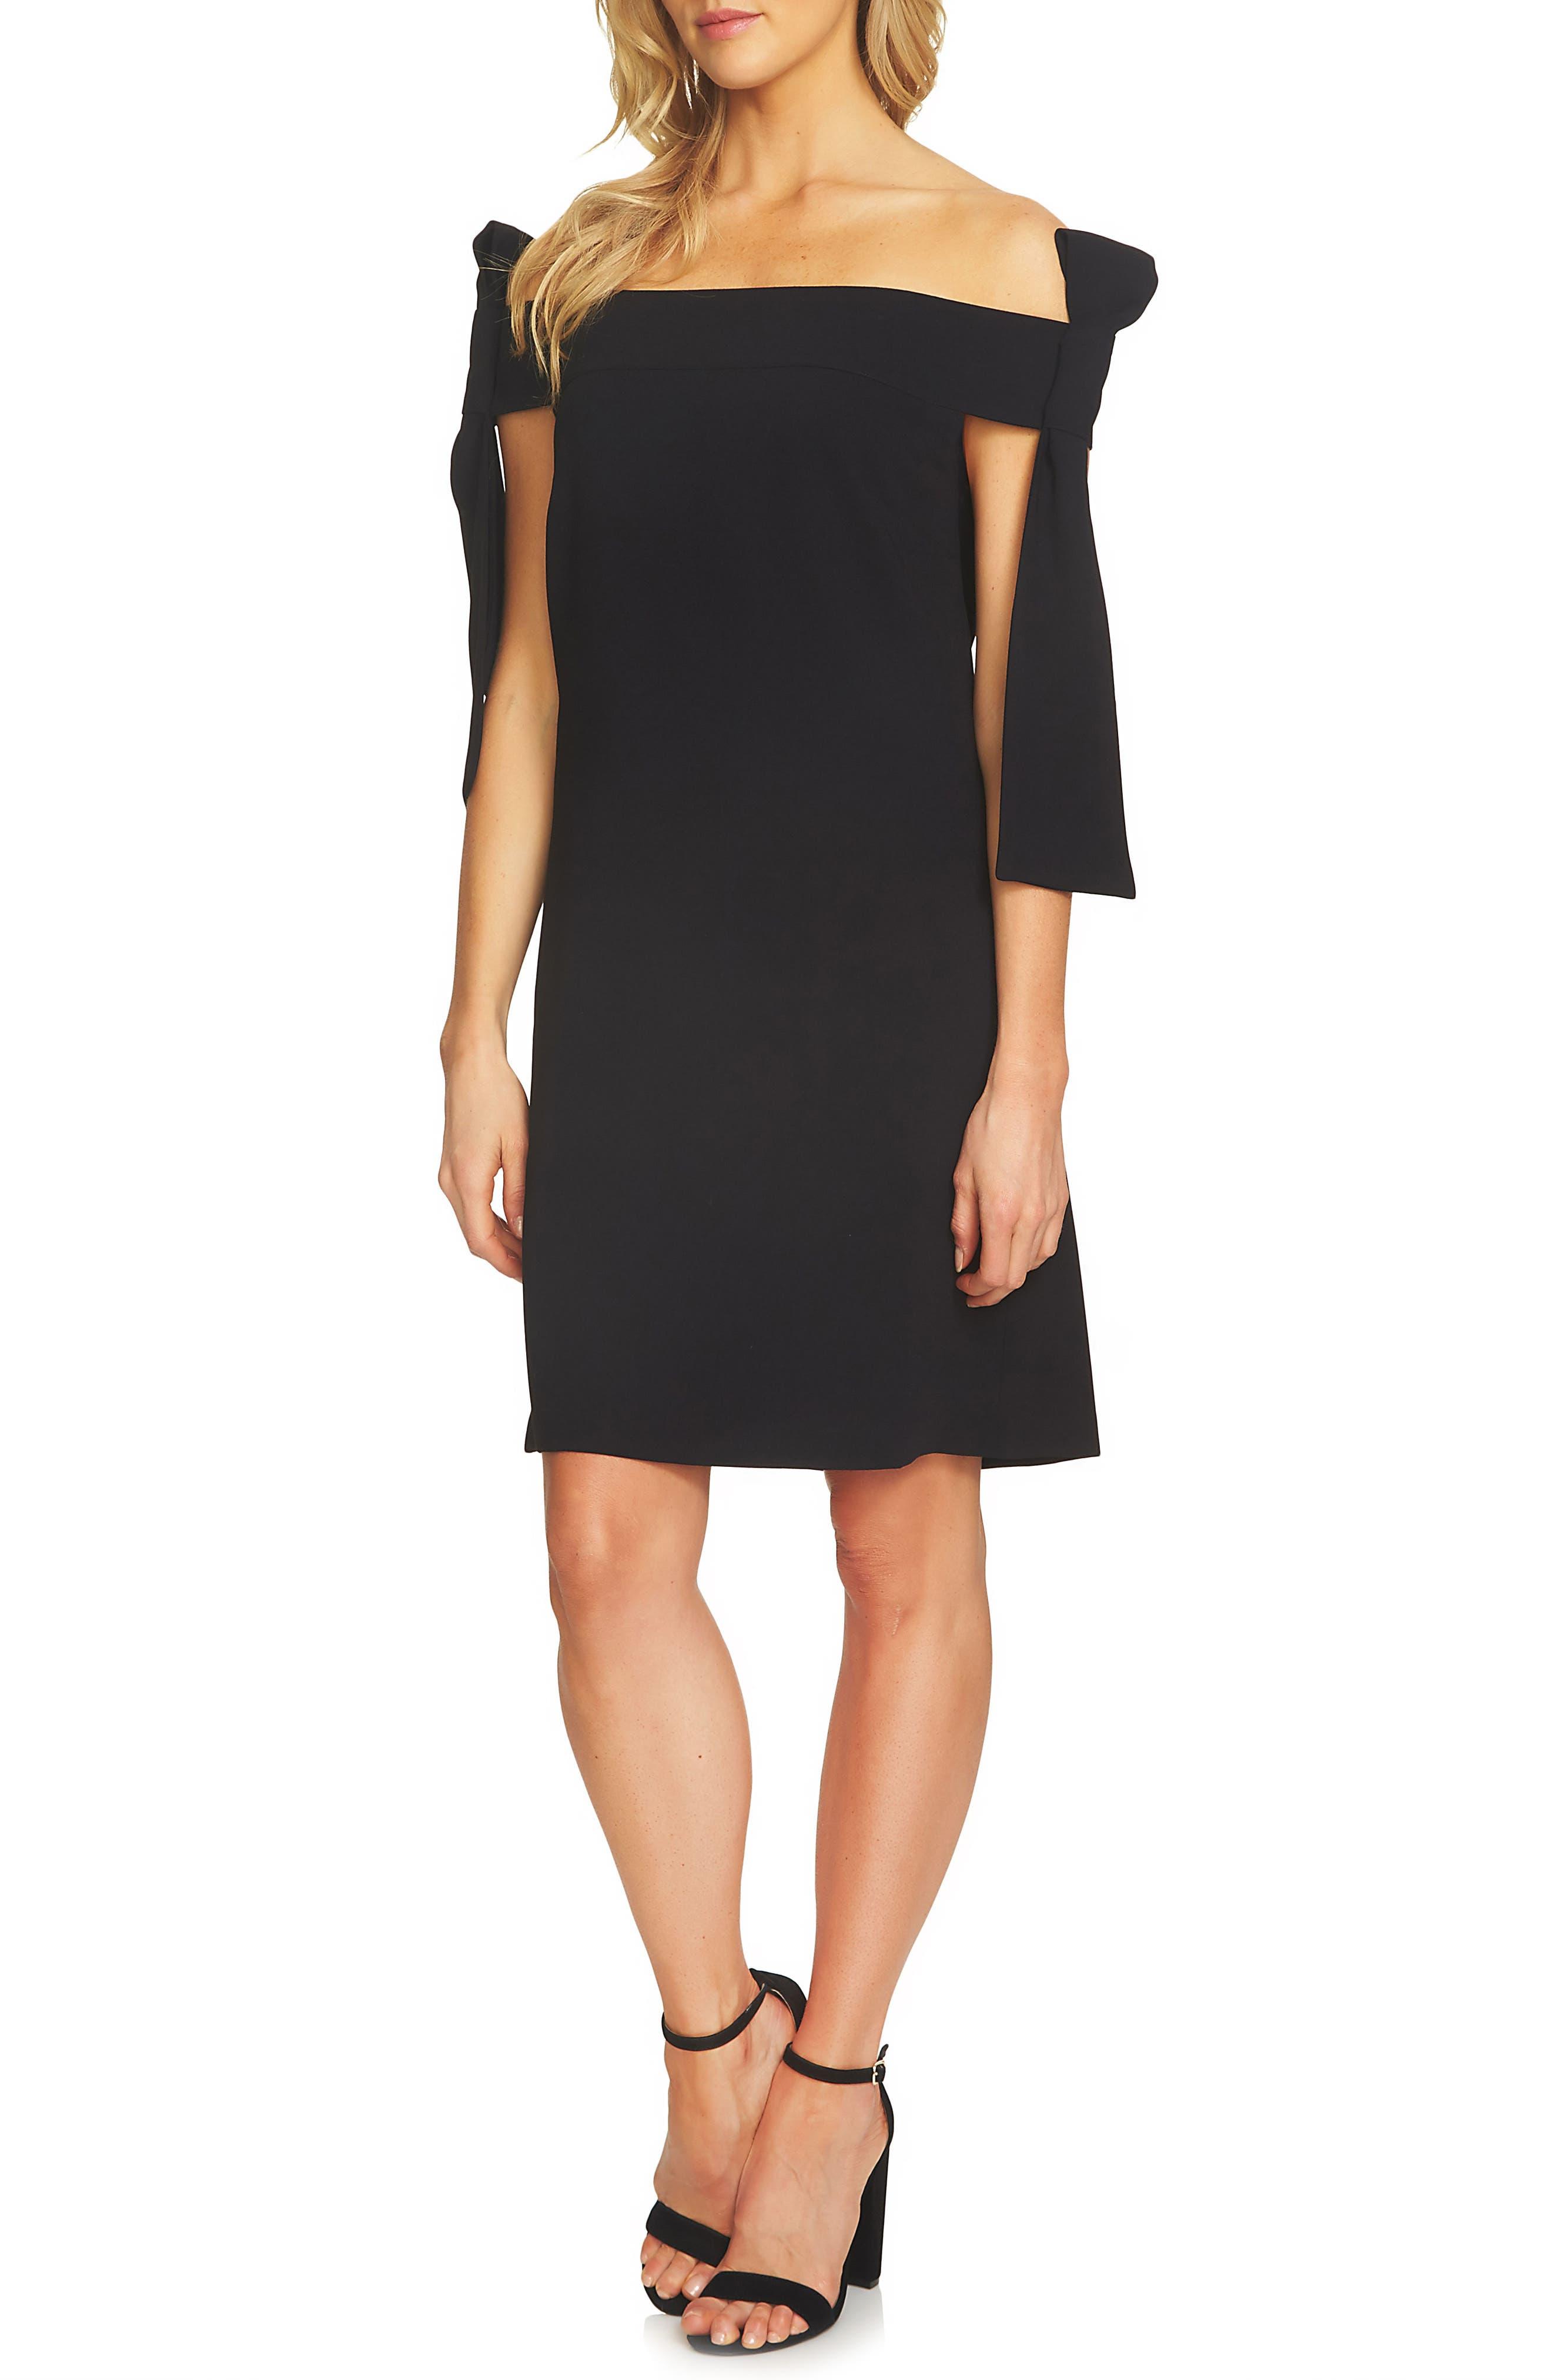 CeCe Bow Tie Off the Shoulder A-Line Dress